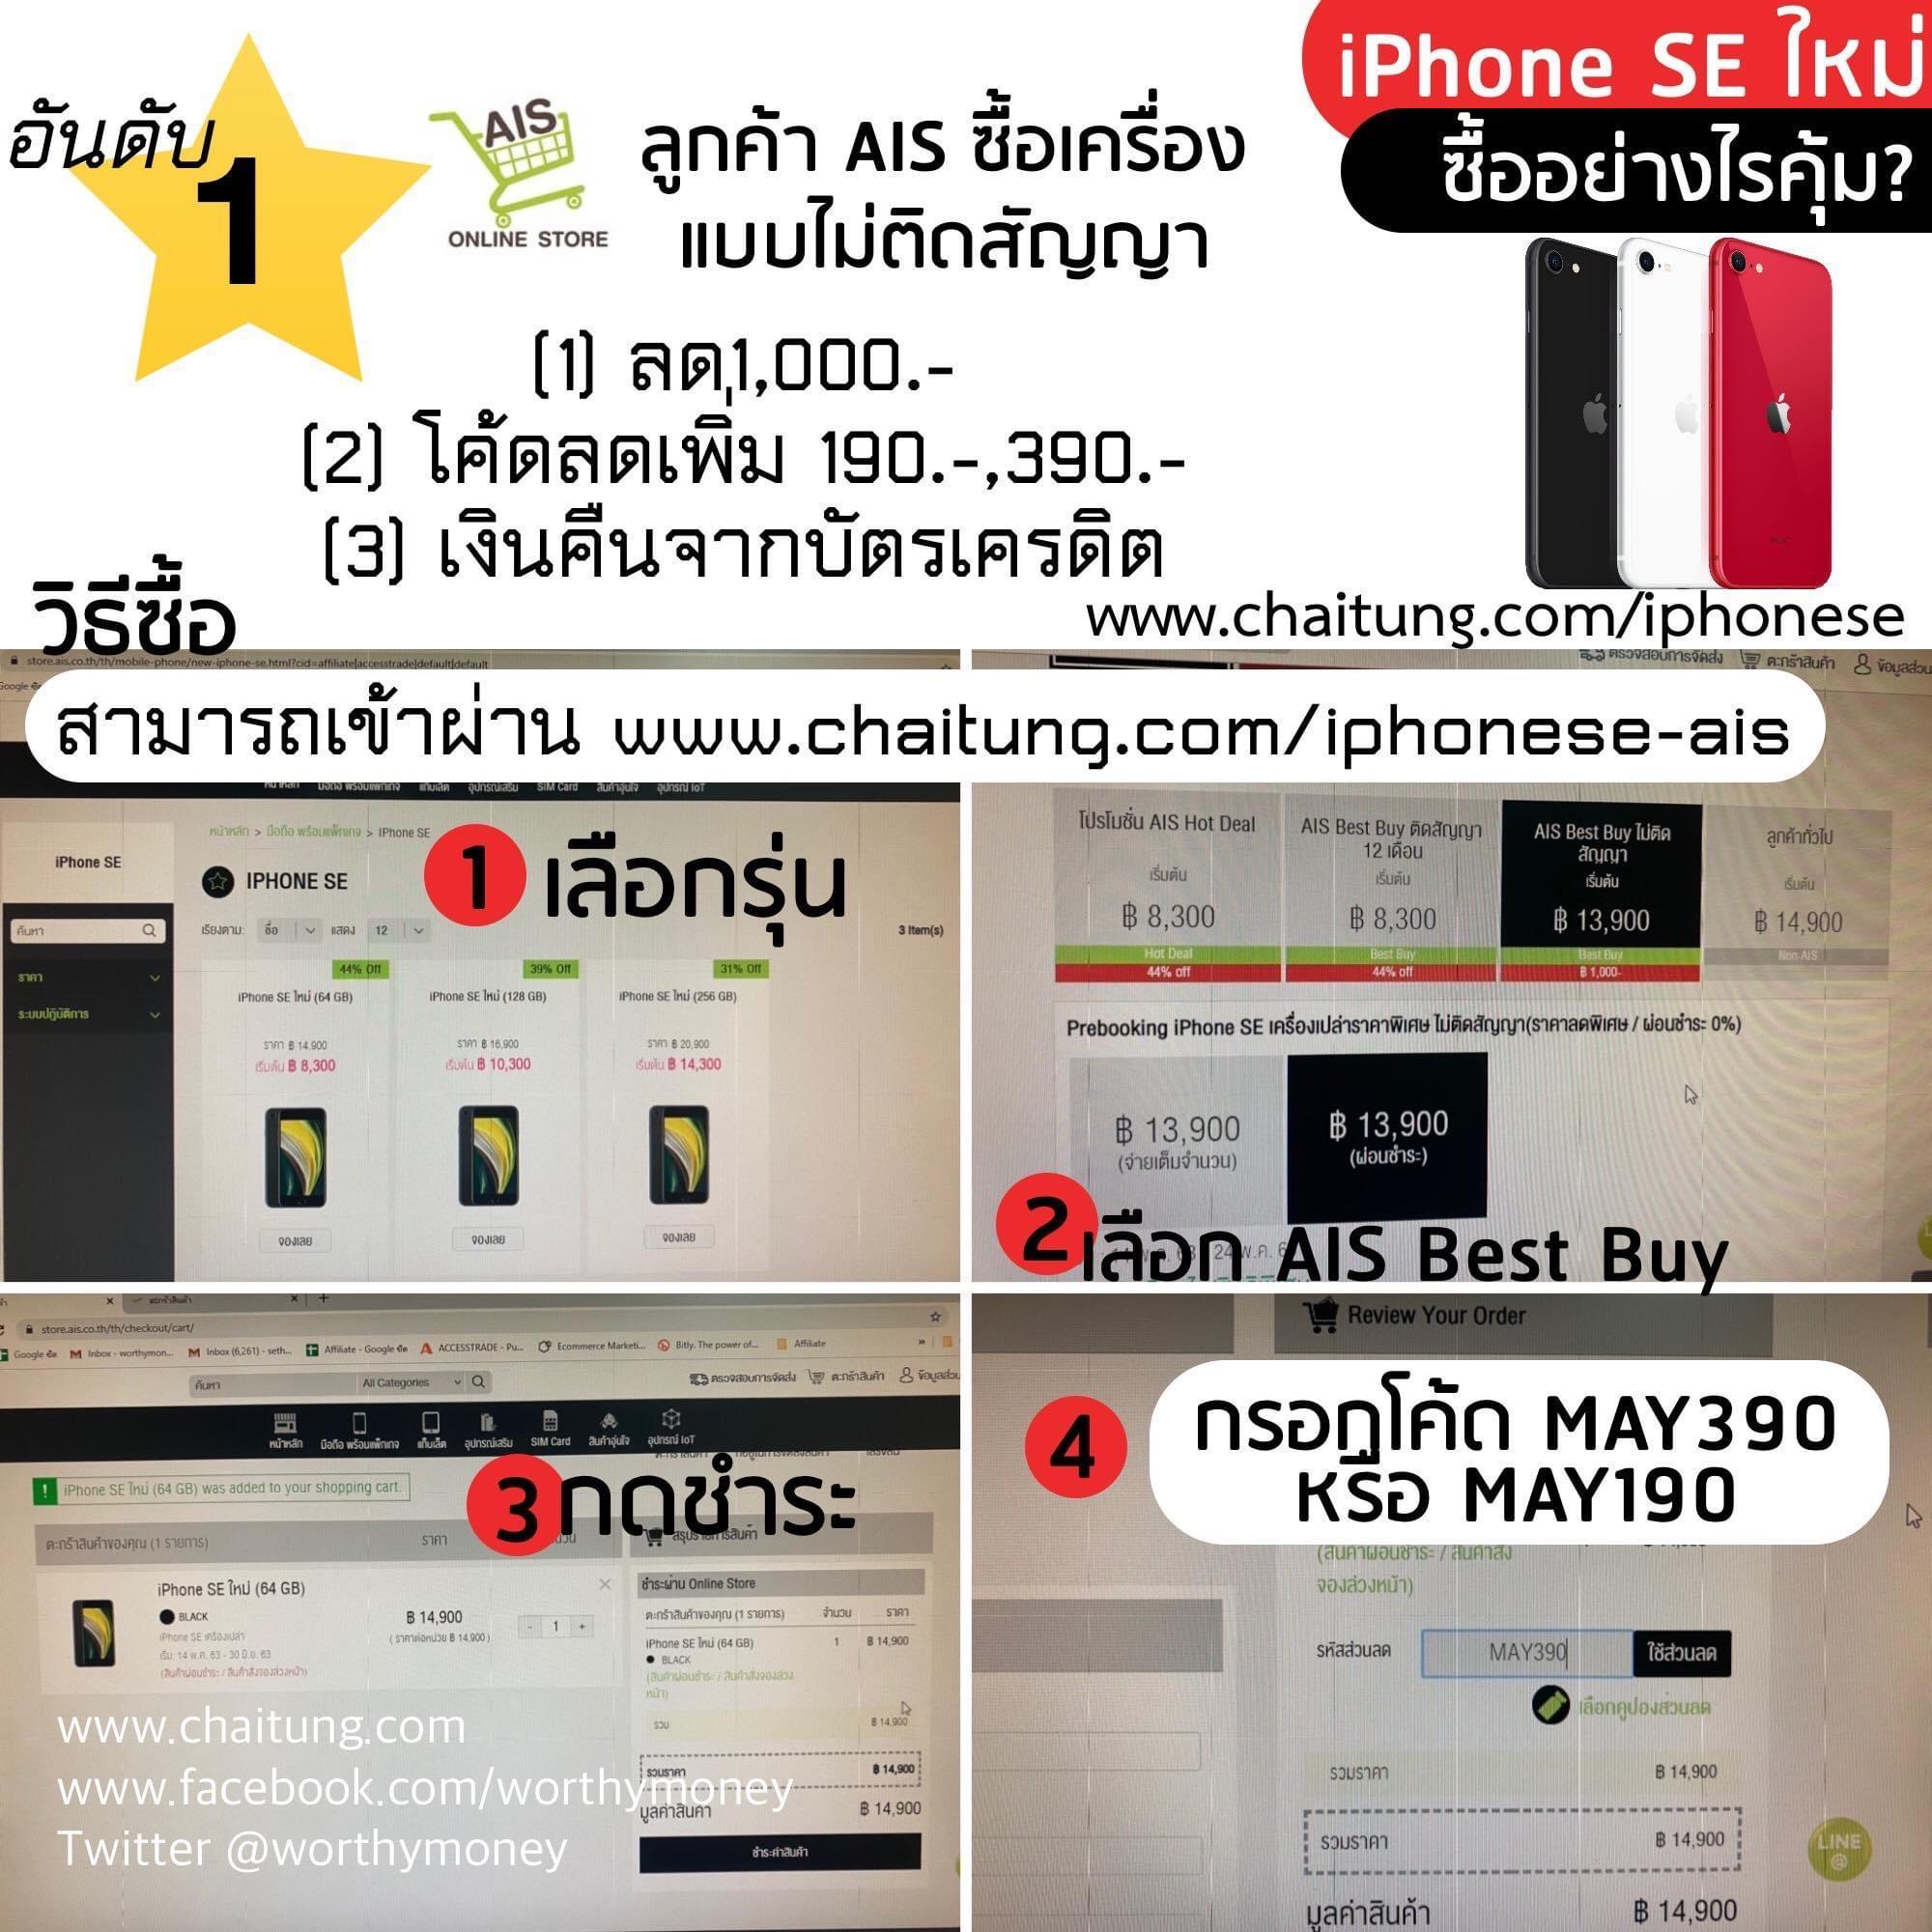 1 AIS iphone SE